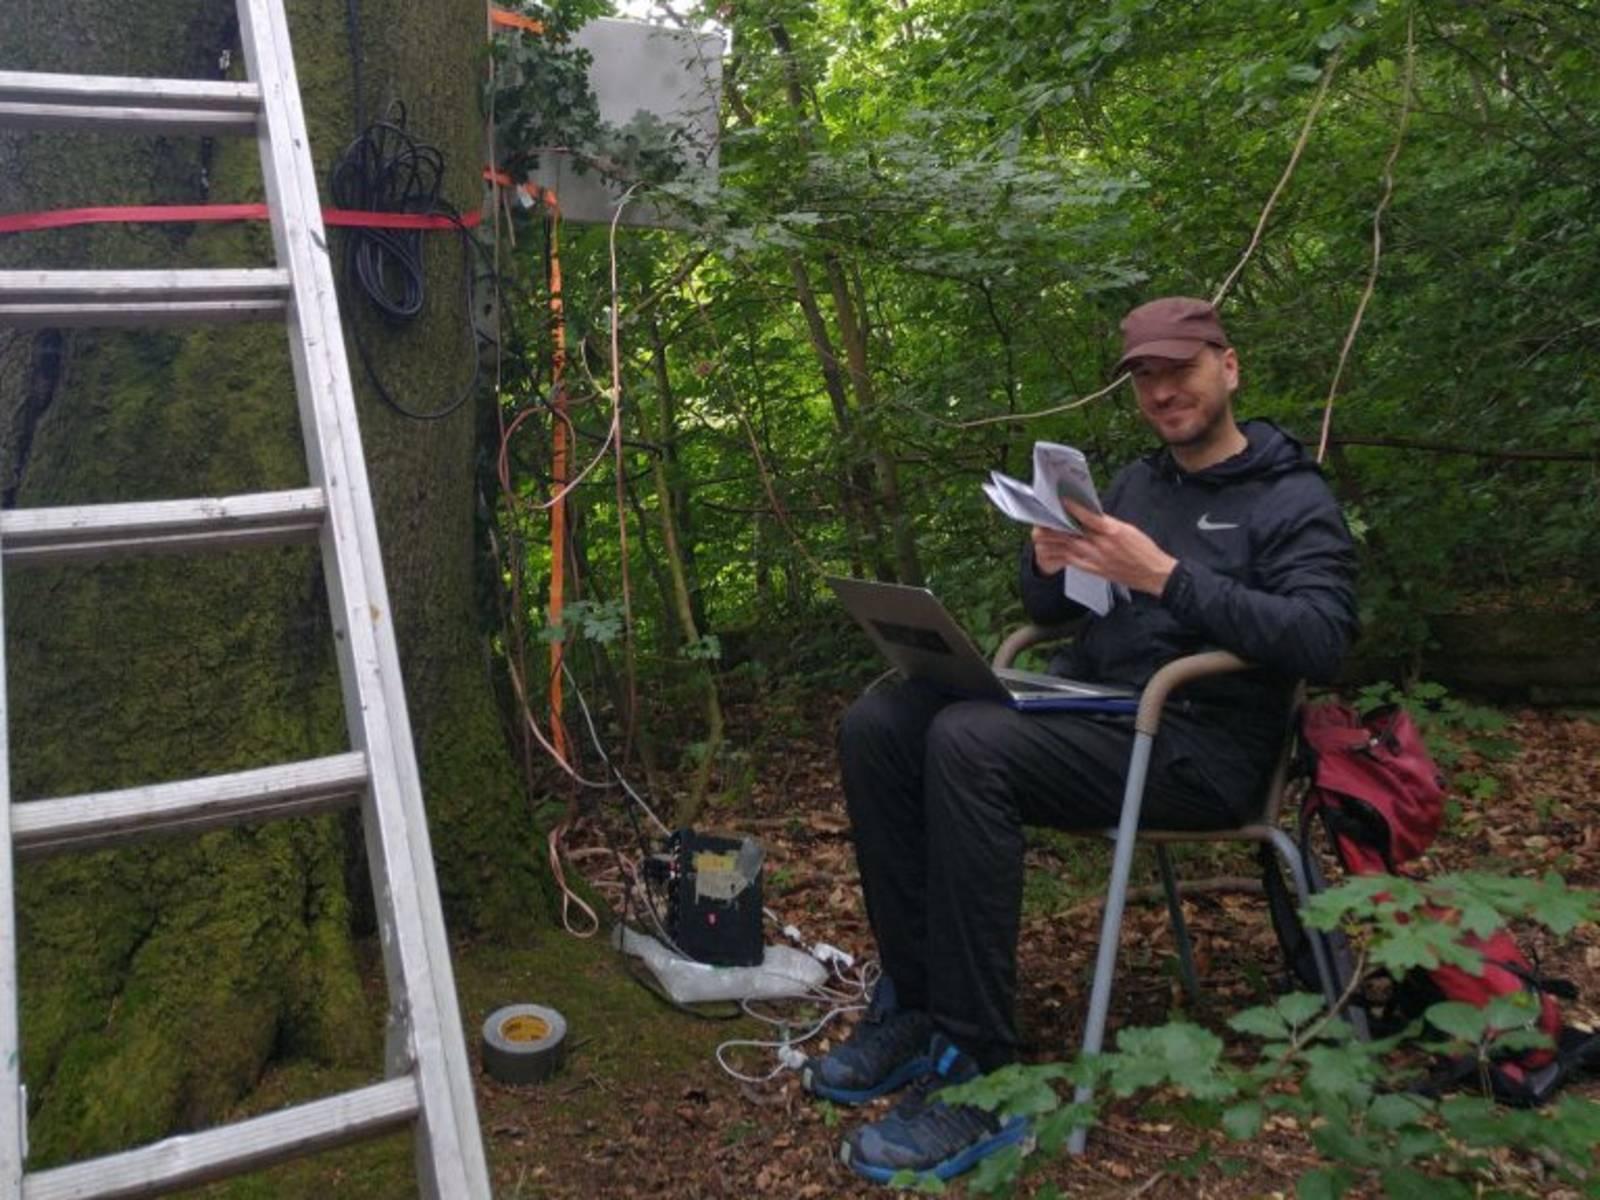 Der Künstler Peter Kutin bei der Installation des Klangkunstwerkes